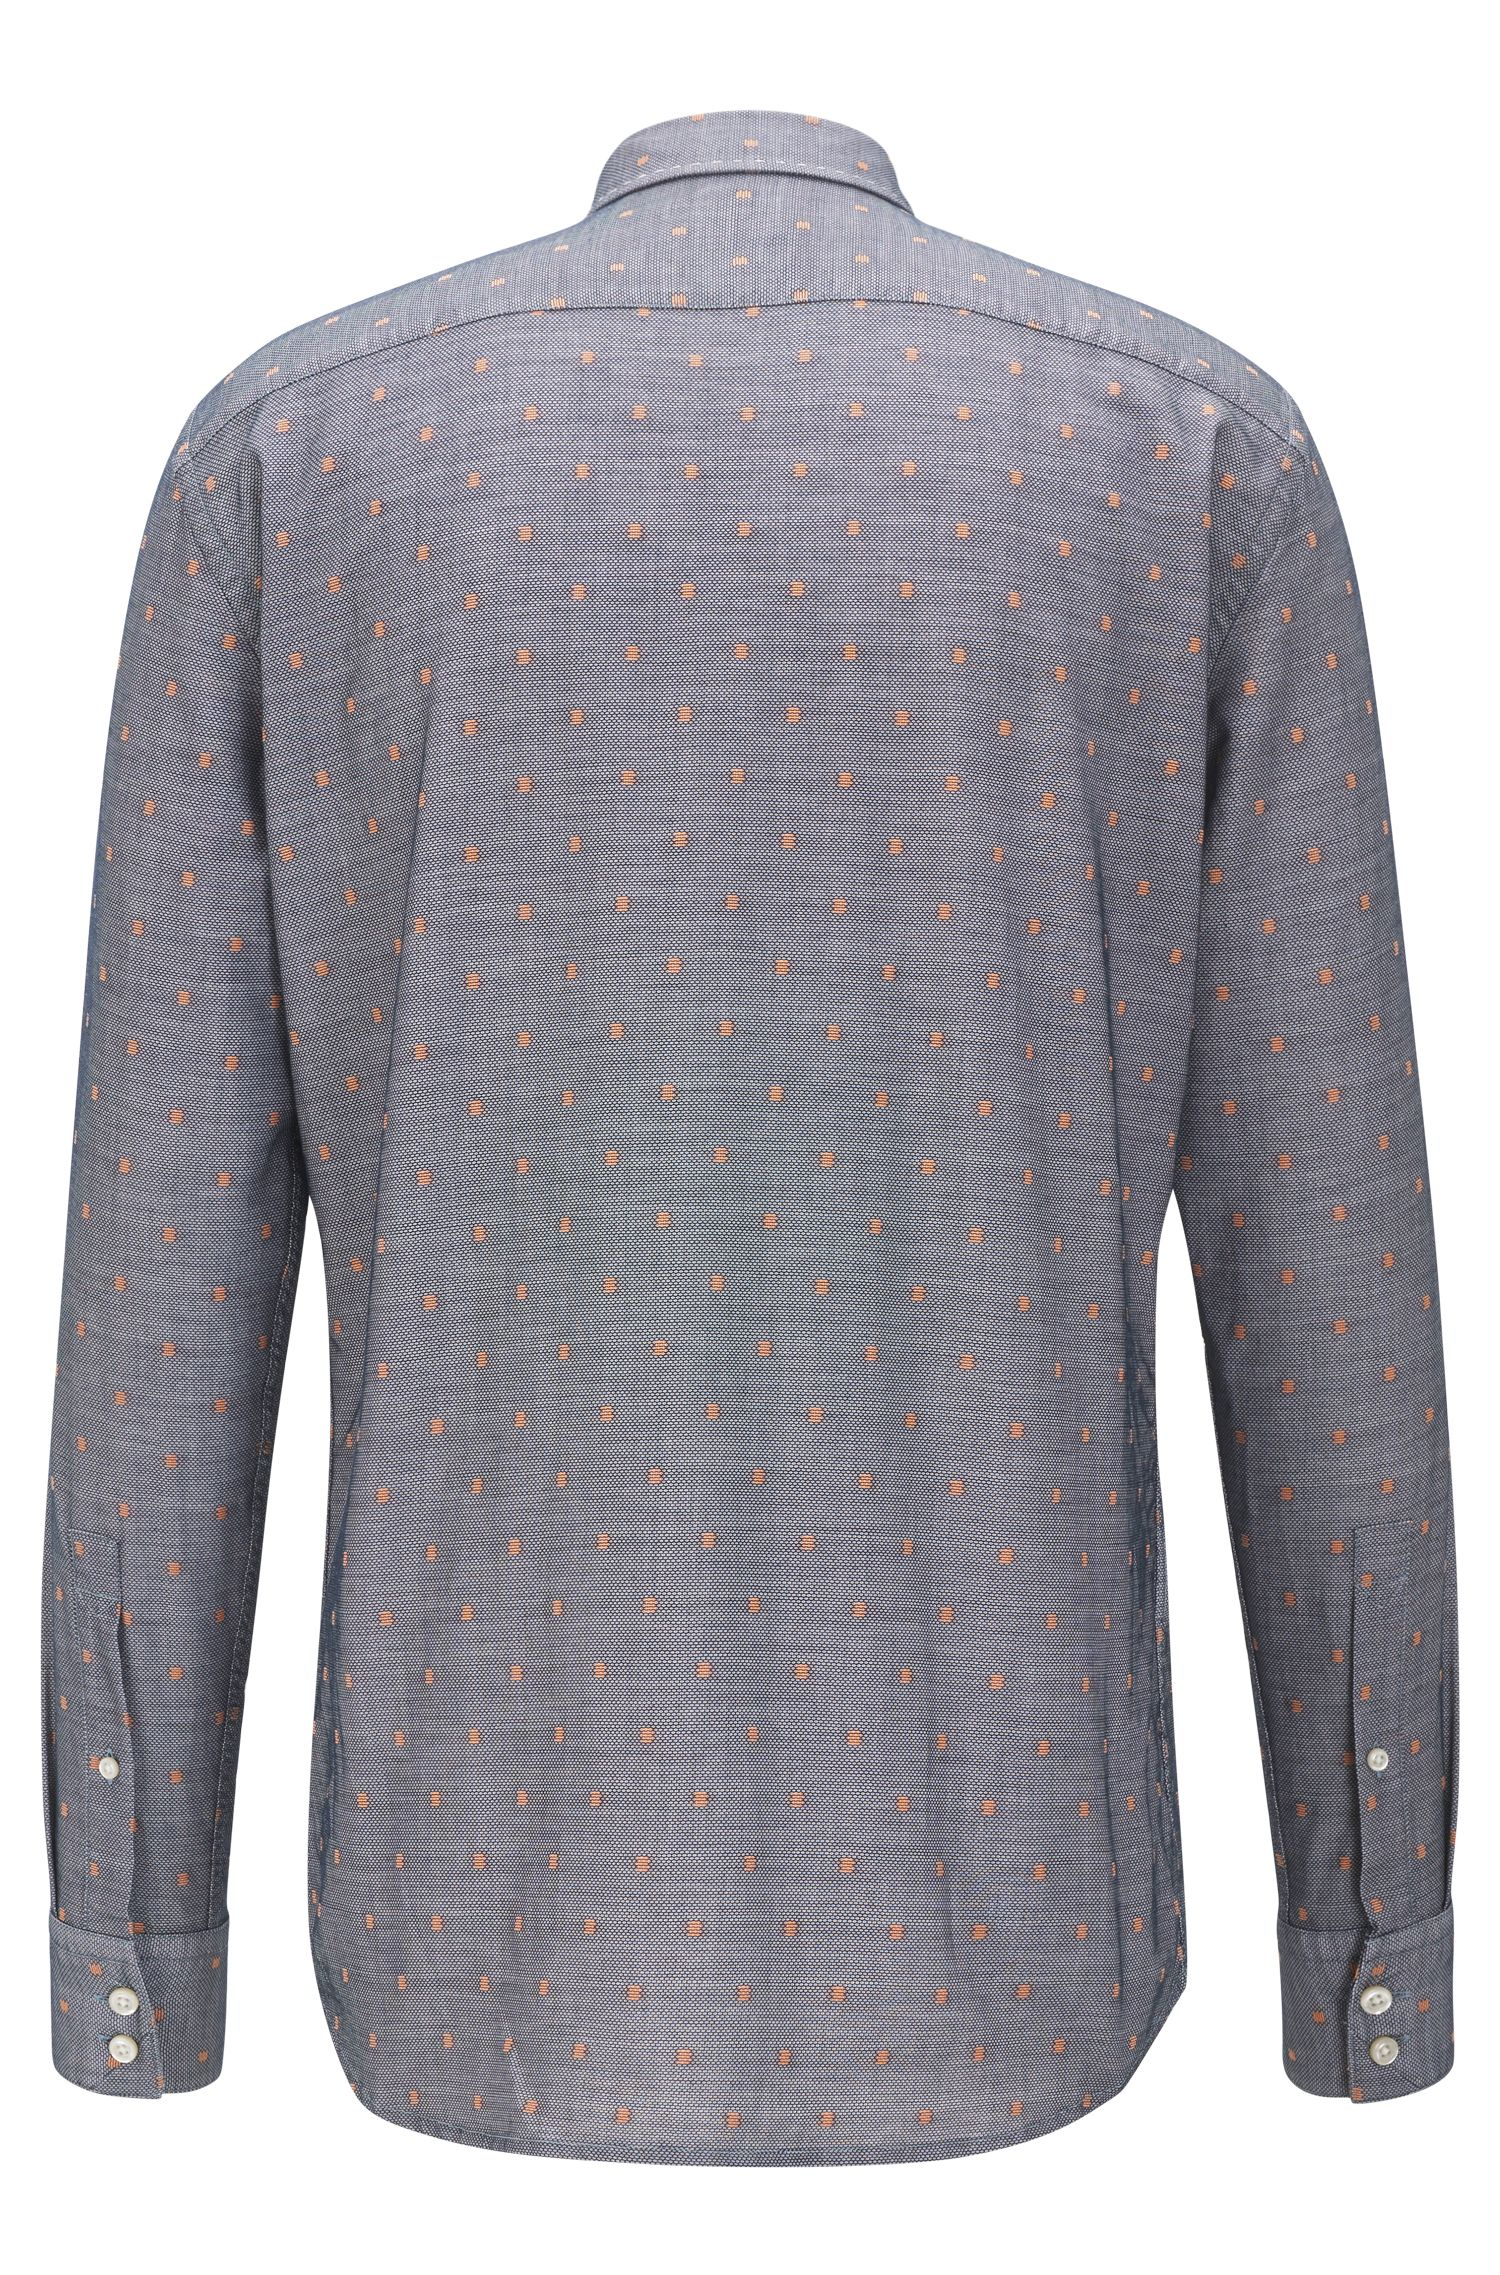 Chemise Regular Fit en coton avec motif en fil coupé contrastant